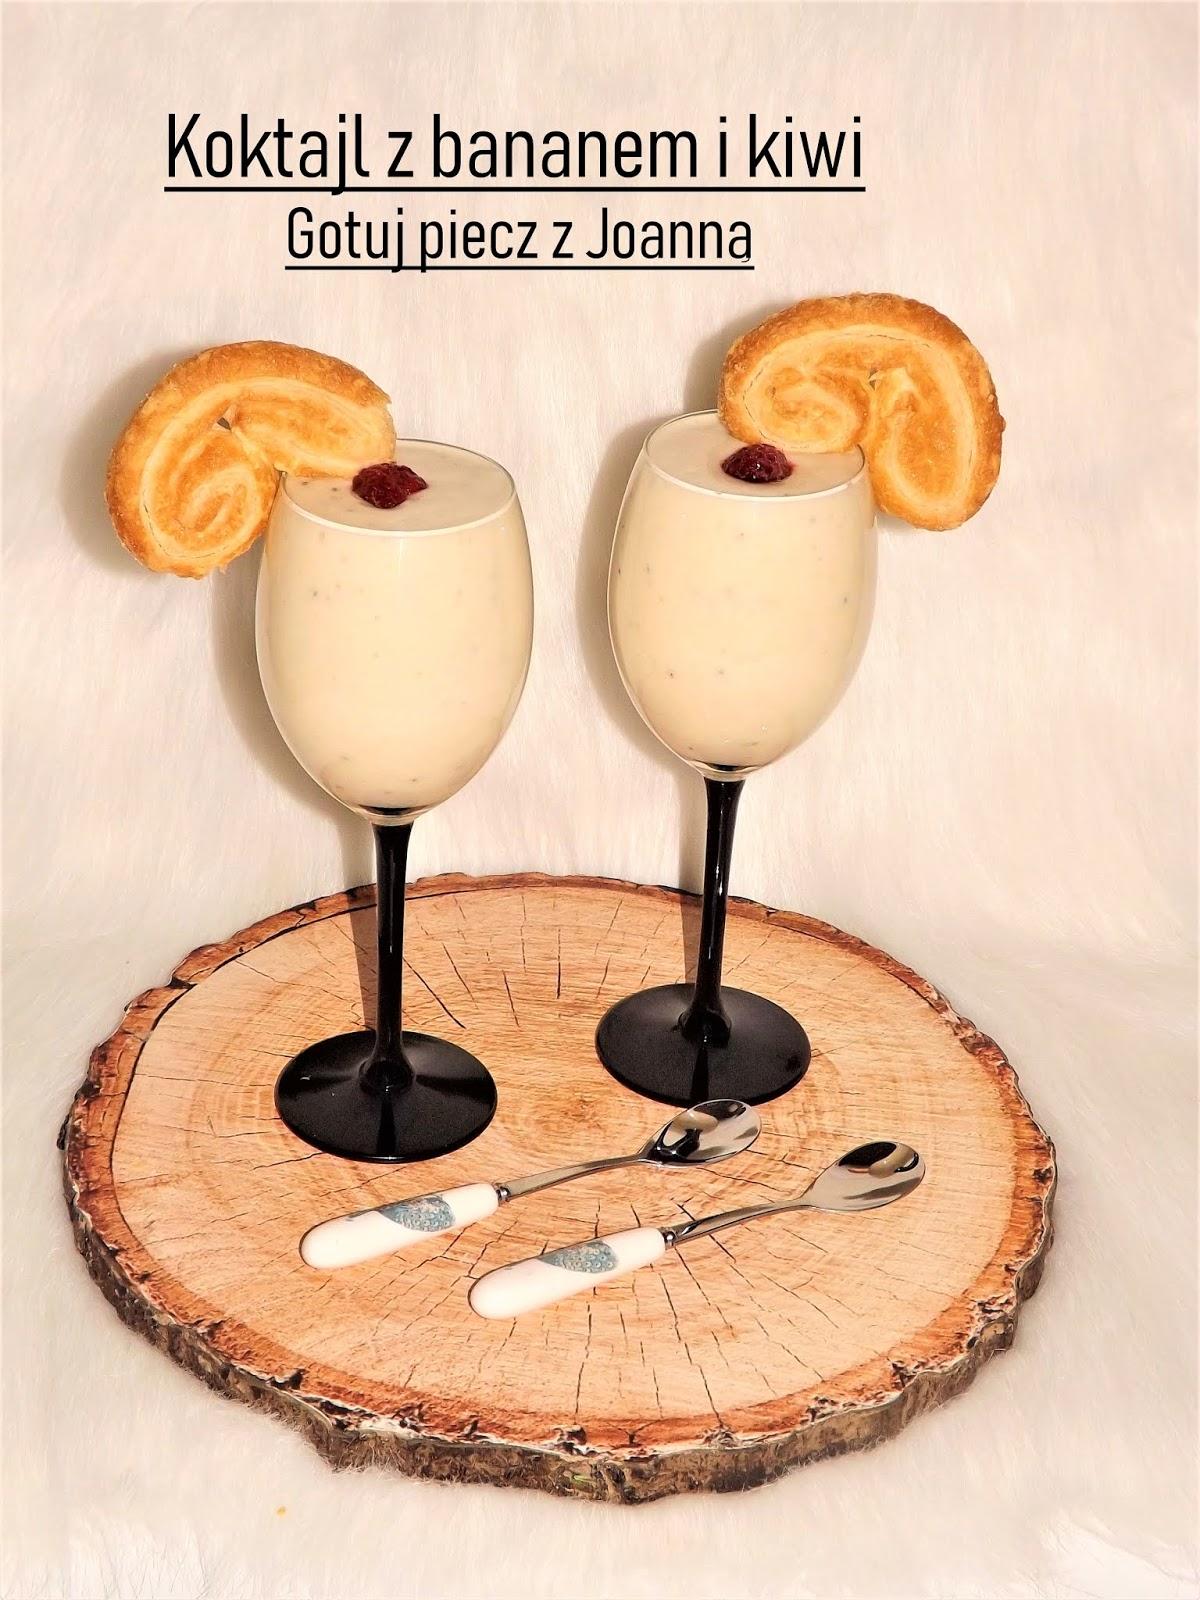 Jogurtowy koktajl z bananem, kiwi i ciateczkiem francuskim